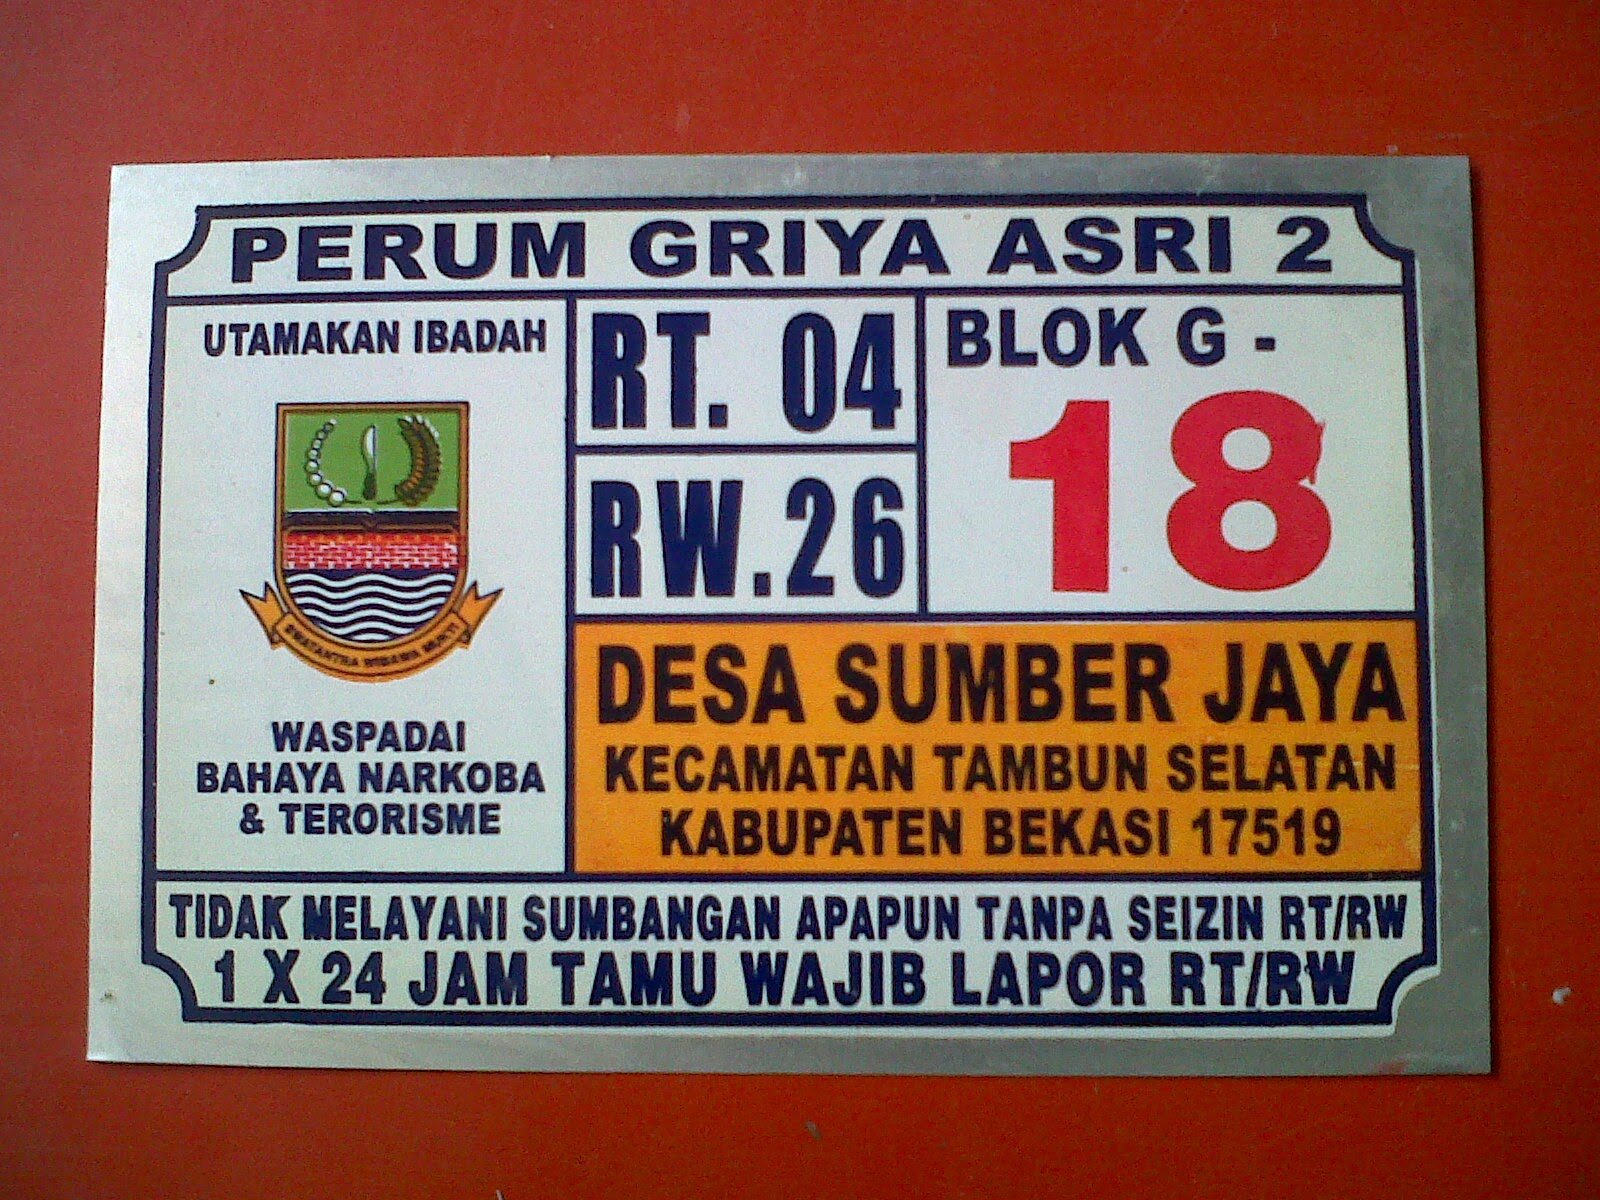 PERUM GRIYA ASRI 2 TERTIB LINGKUNGAN